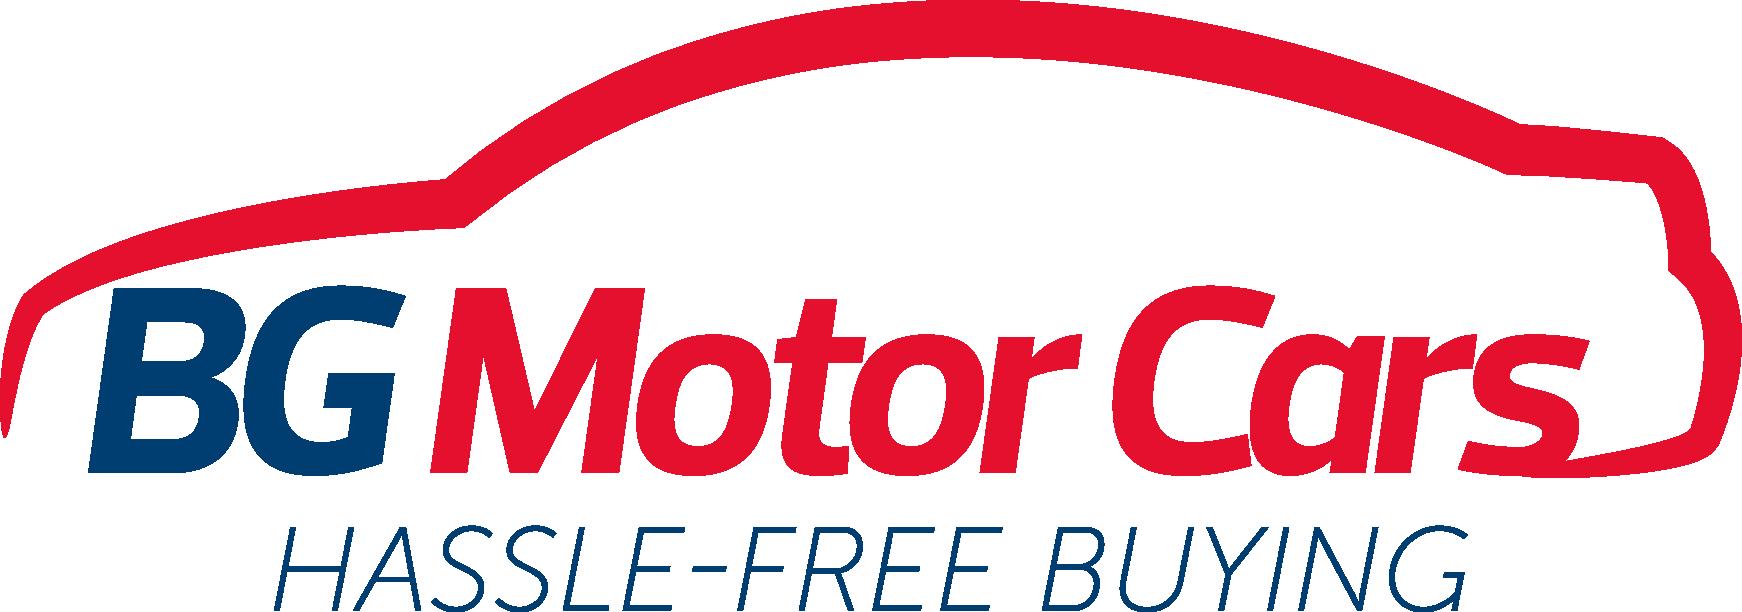 BG MOTOR CARS